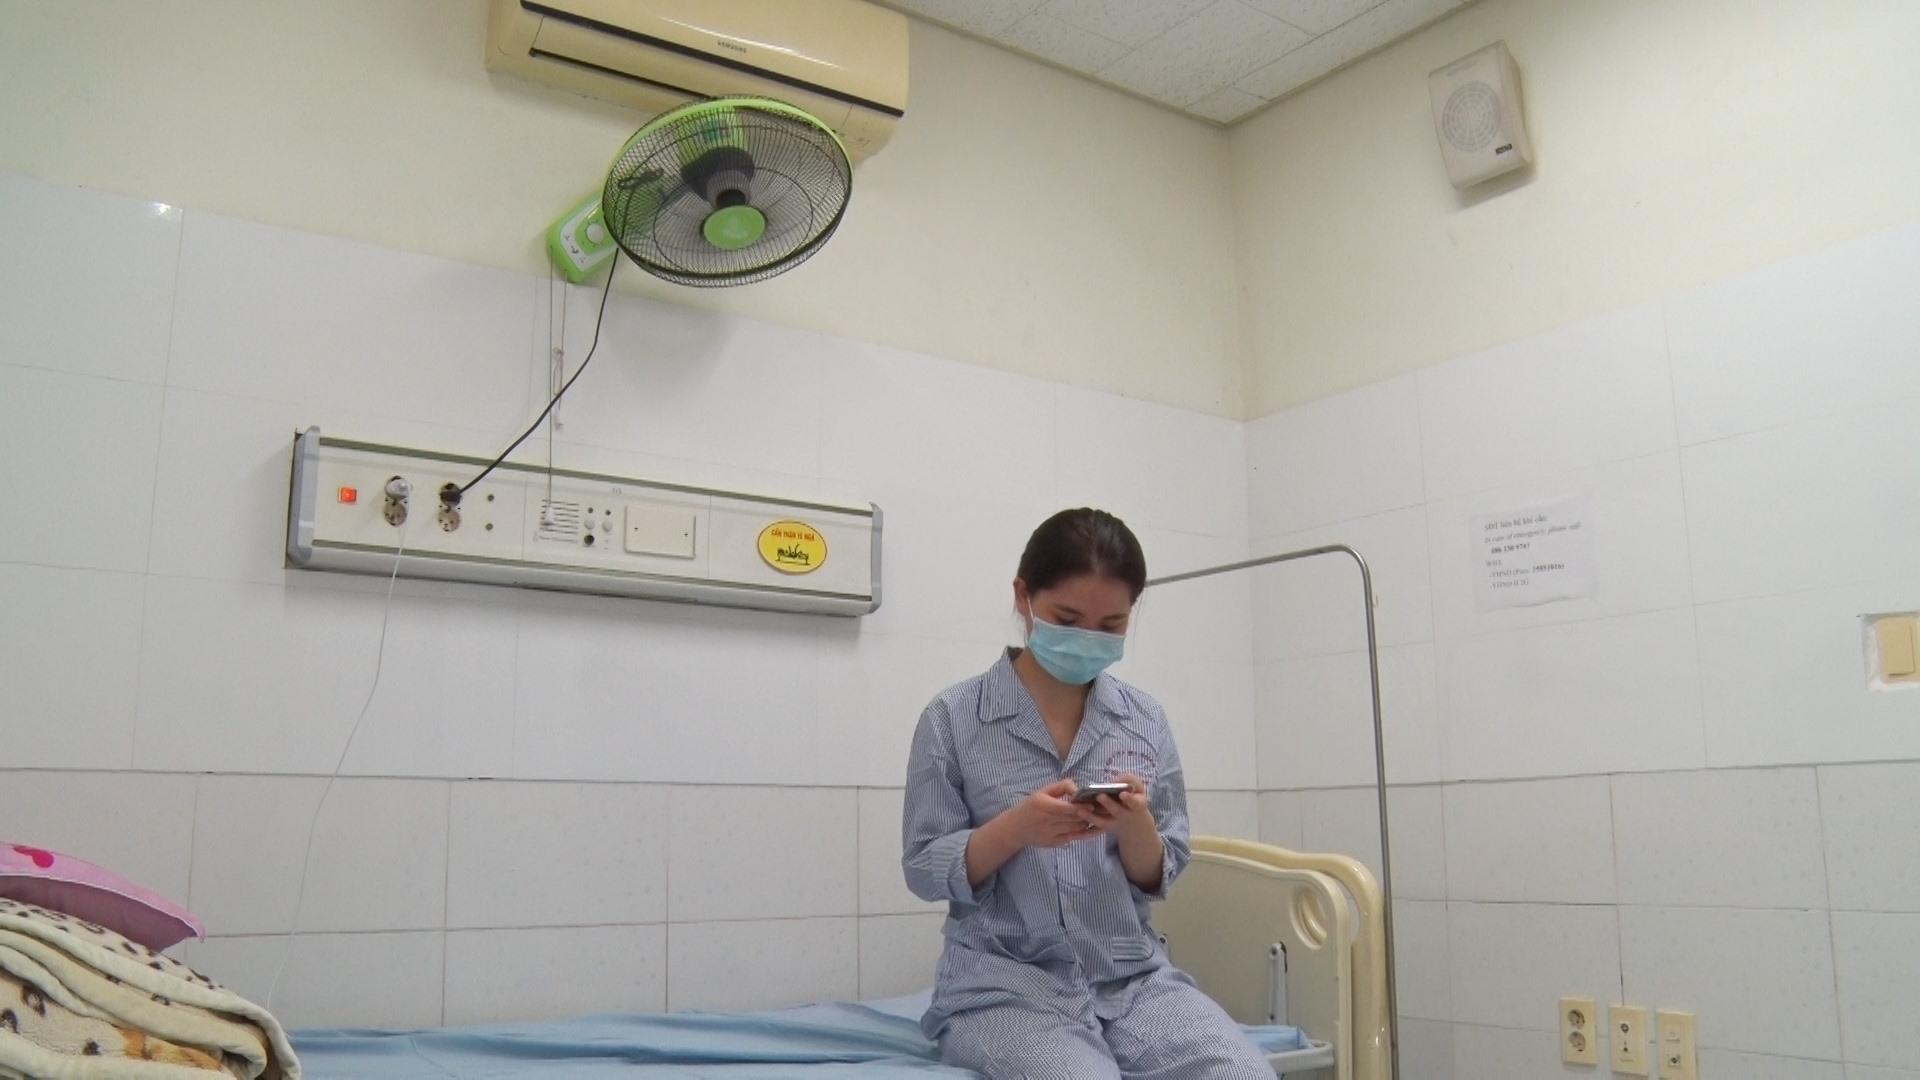 Mỗi phòng điều trị có đầy đủ các vật dụng sinh hoạt, trang bị wifi... giúp người cách ly điều trị thoải mái nhất. Ảnh: Đ. ĐẠO